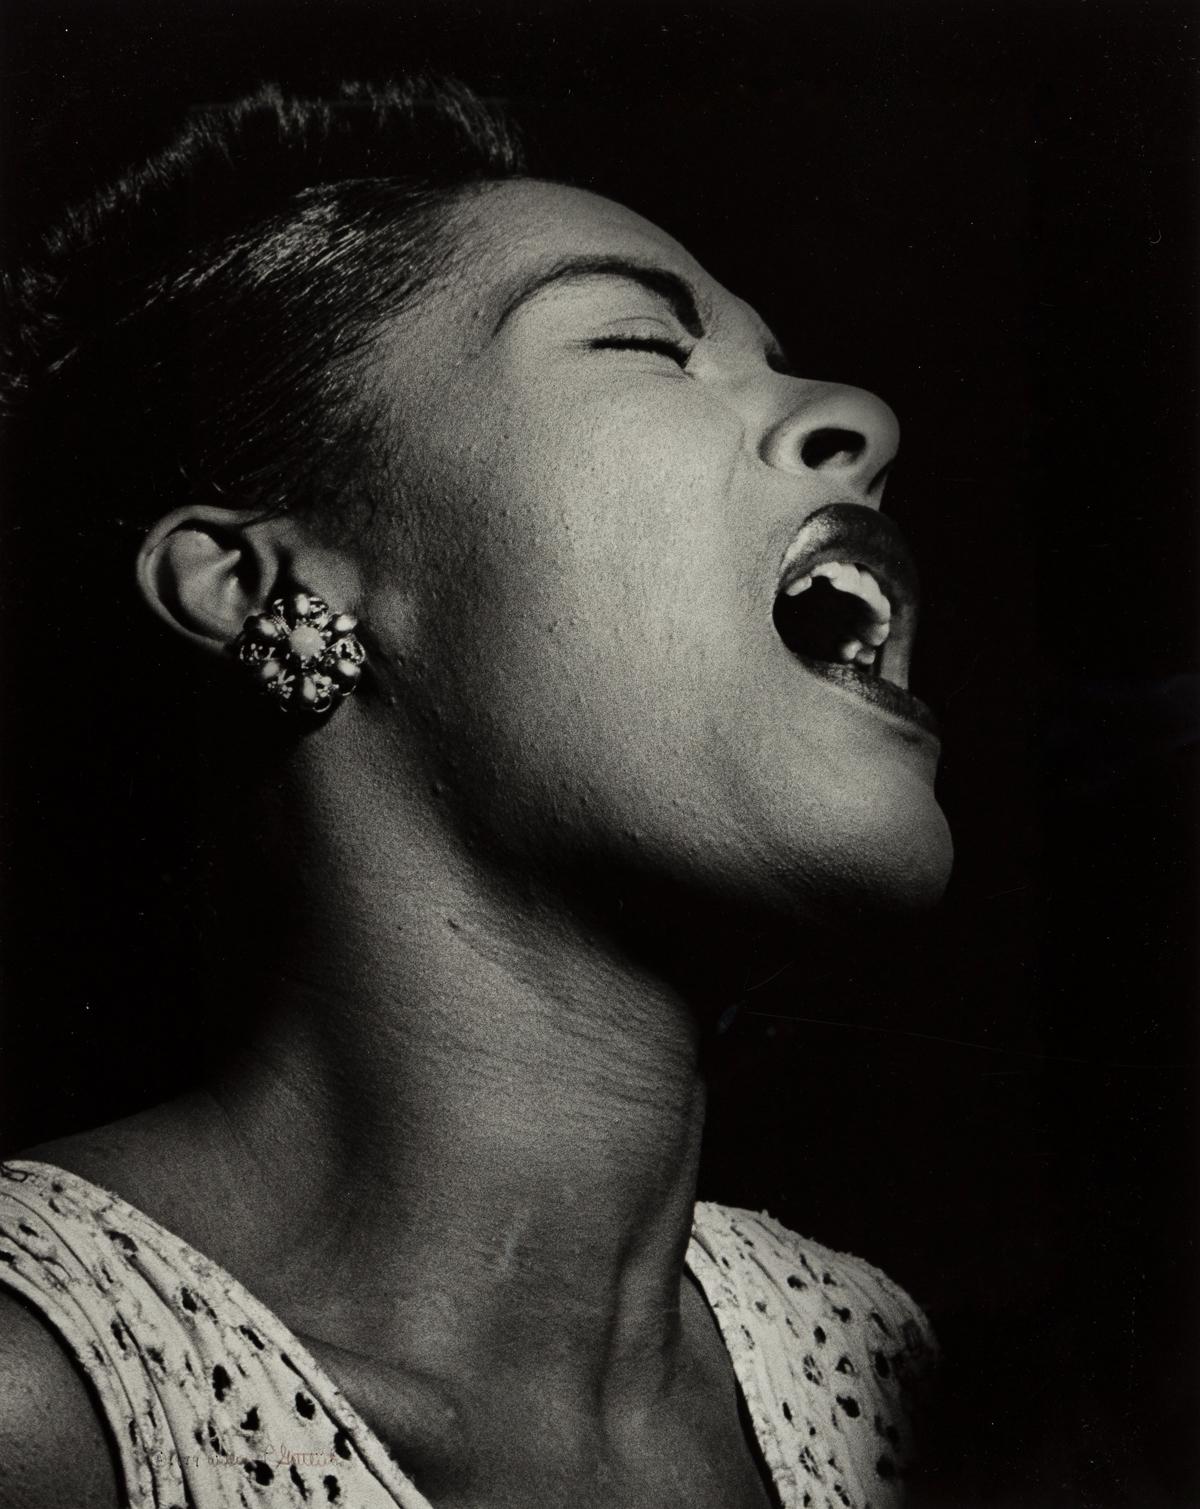 WILLIAM GOTTLIEB (1917-2006) Billie Holiday.